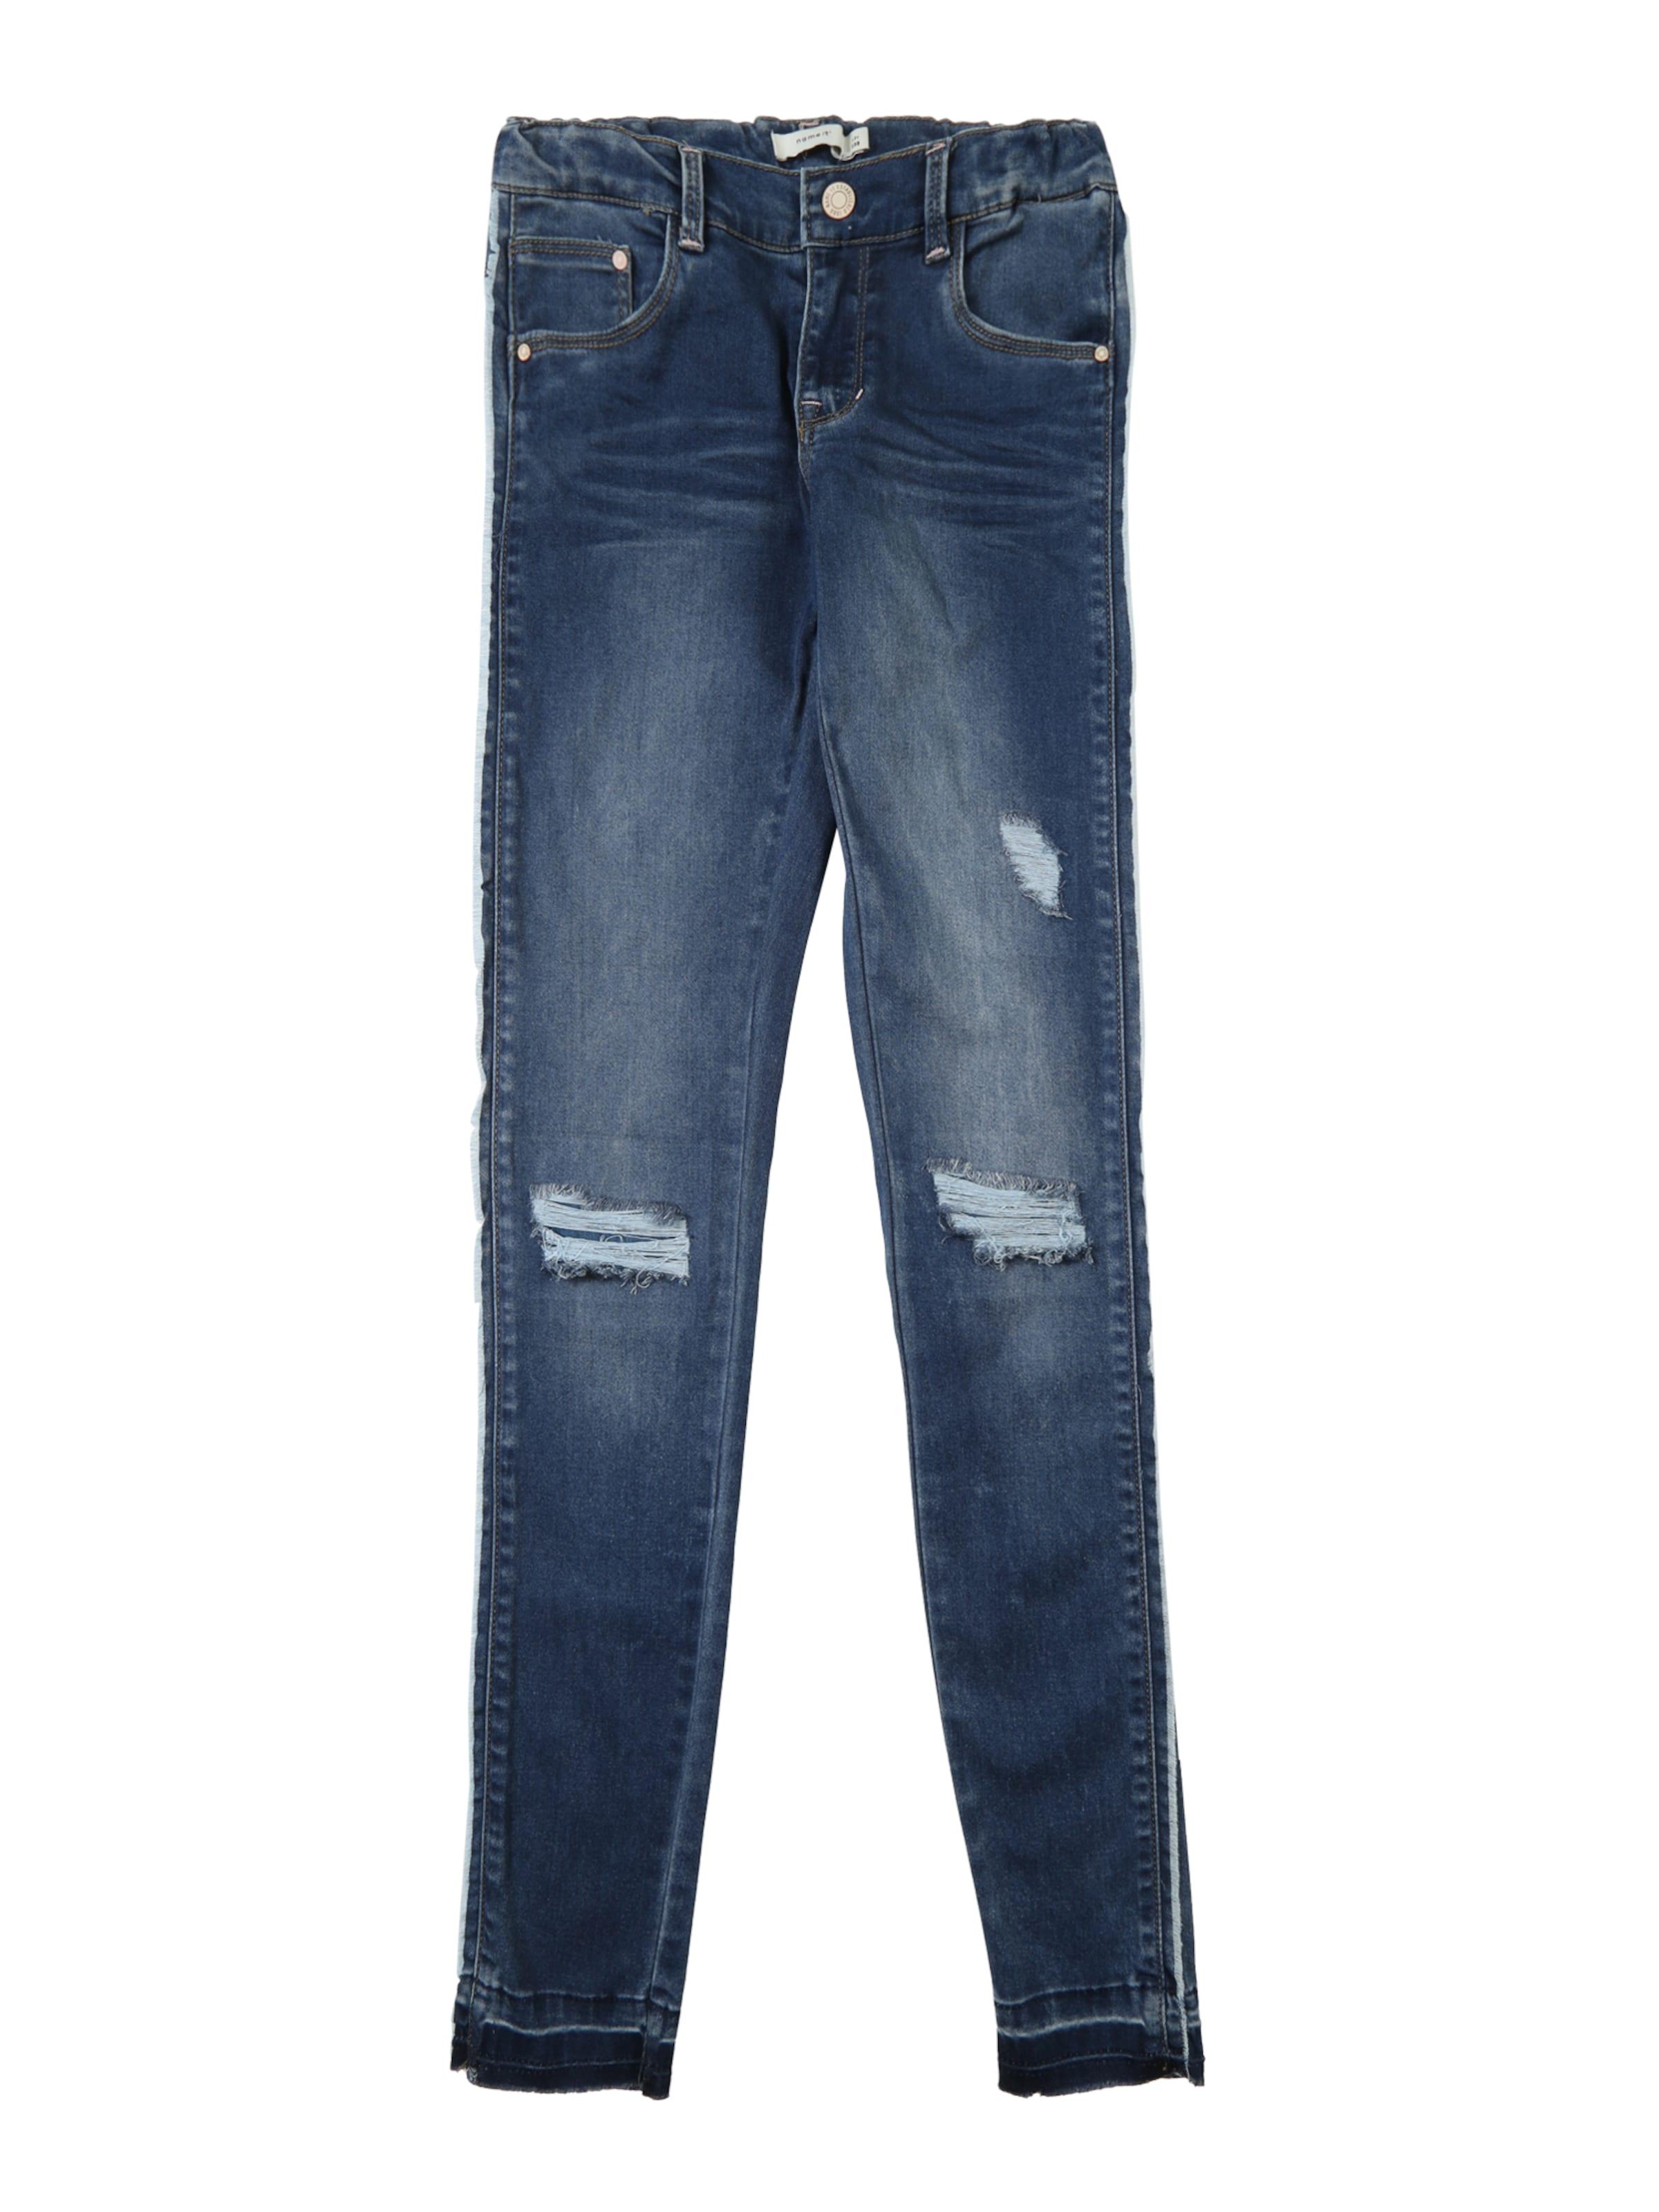 Kinder,  Mädchen,  Kinder NAME IT Jeans blau, schwarz, silber | 05713744231993